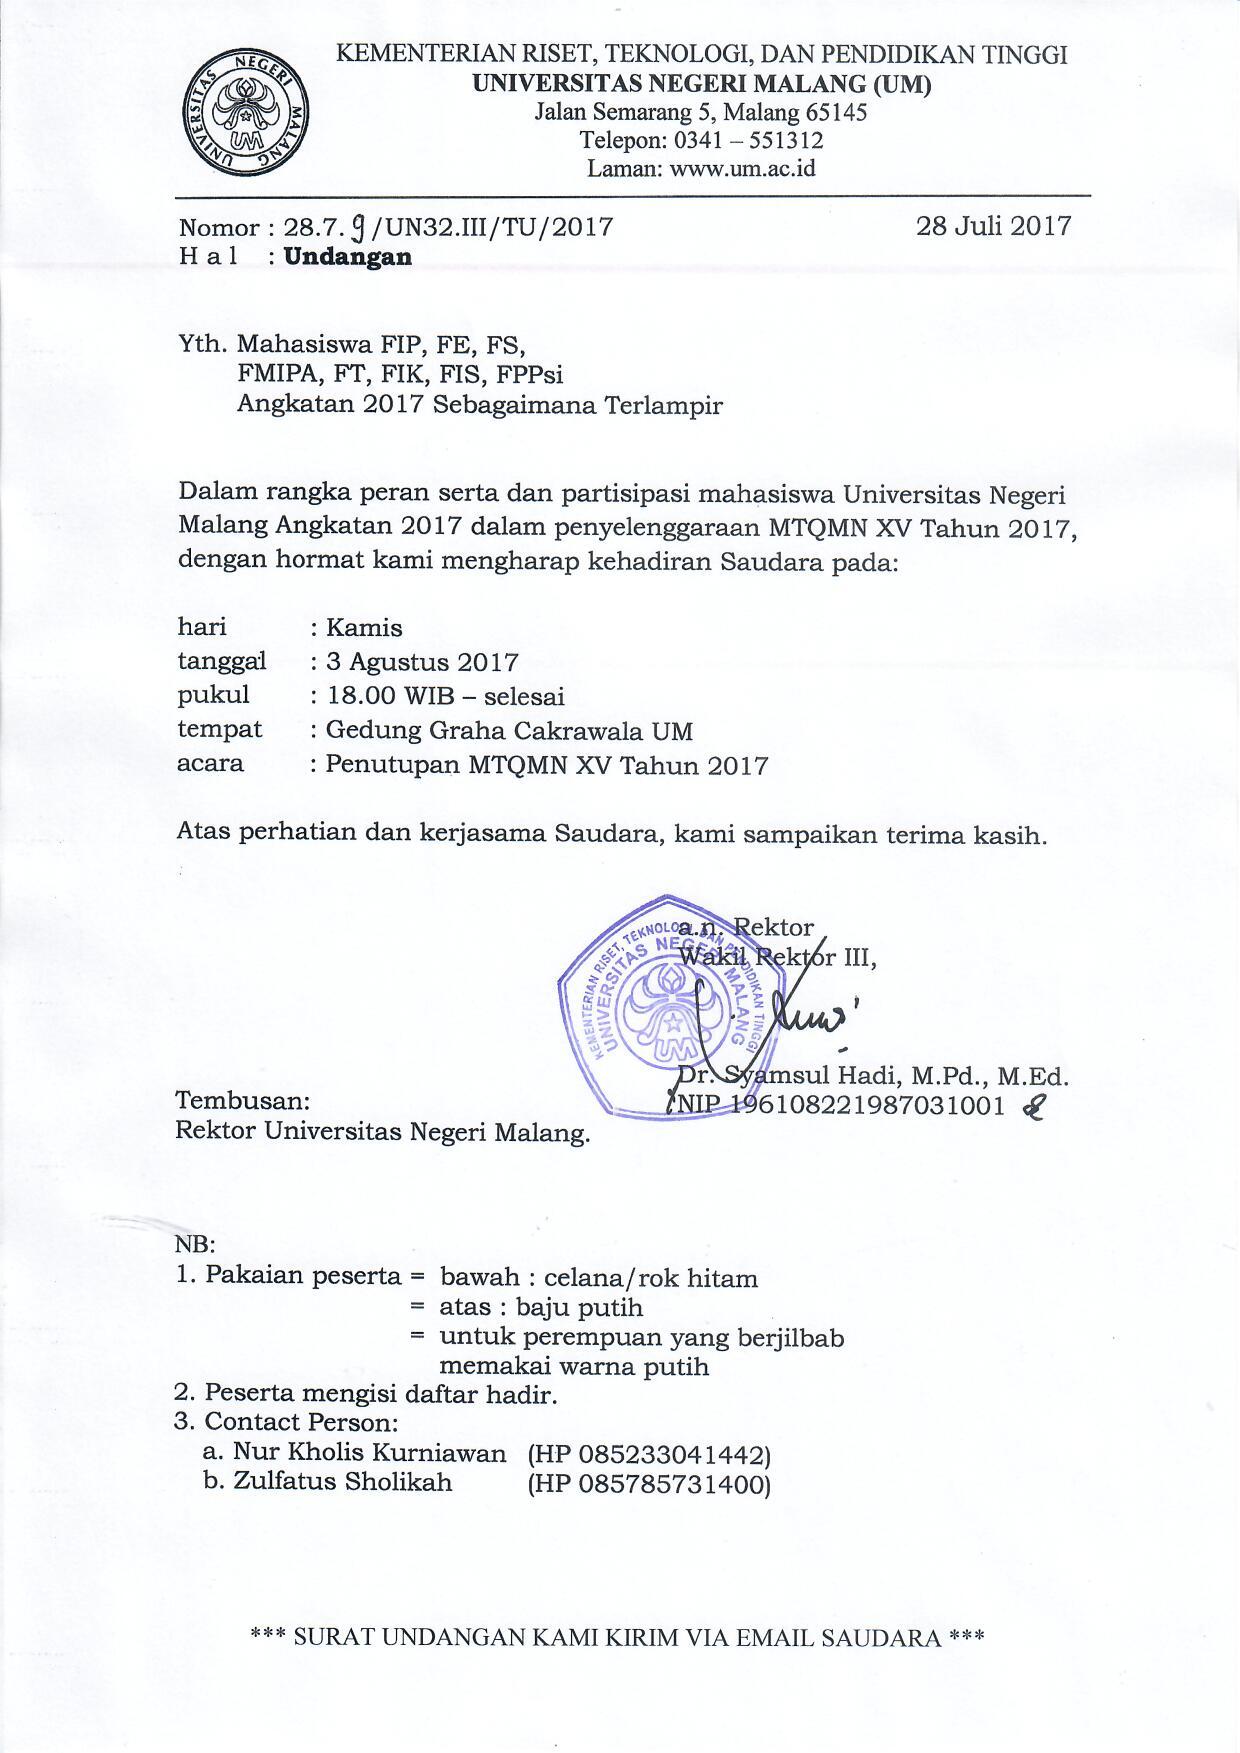 Surat Undangan 2879 Kemahasiswaan Universitas Negeri Malang